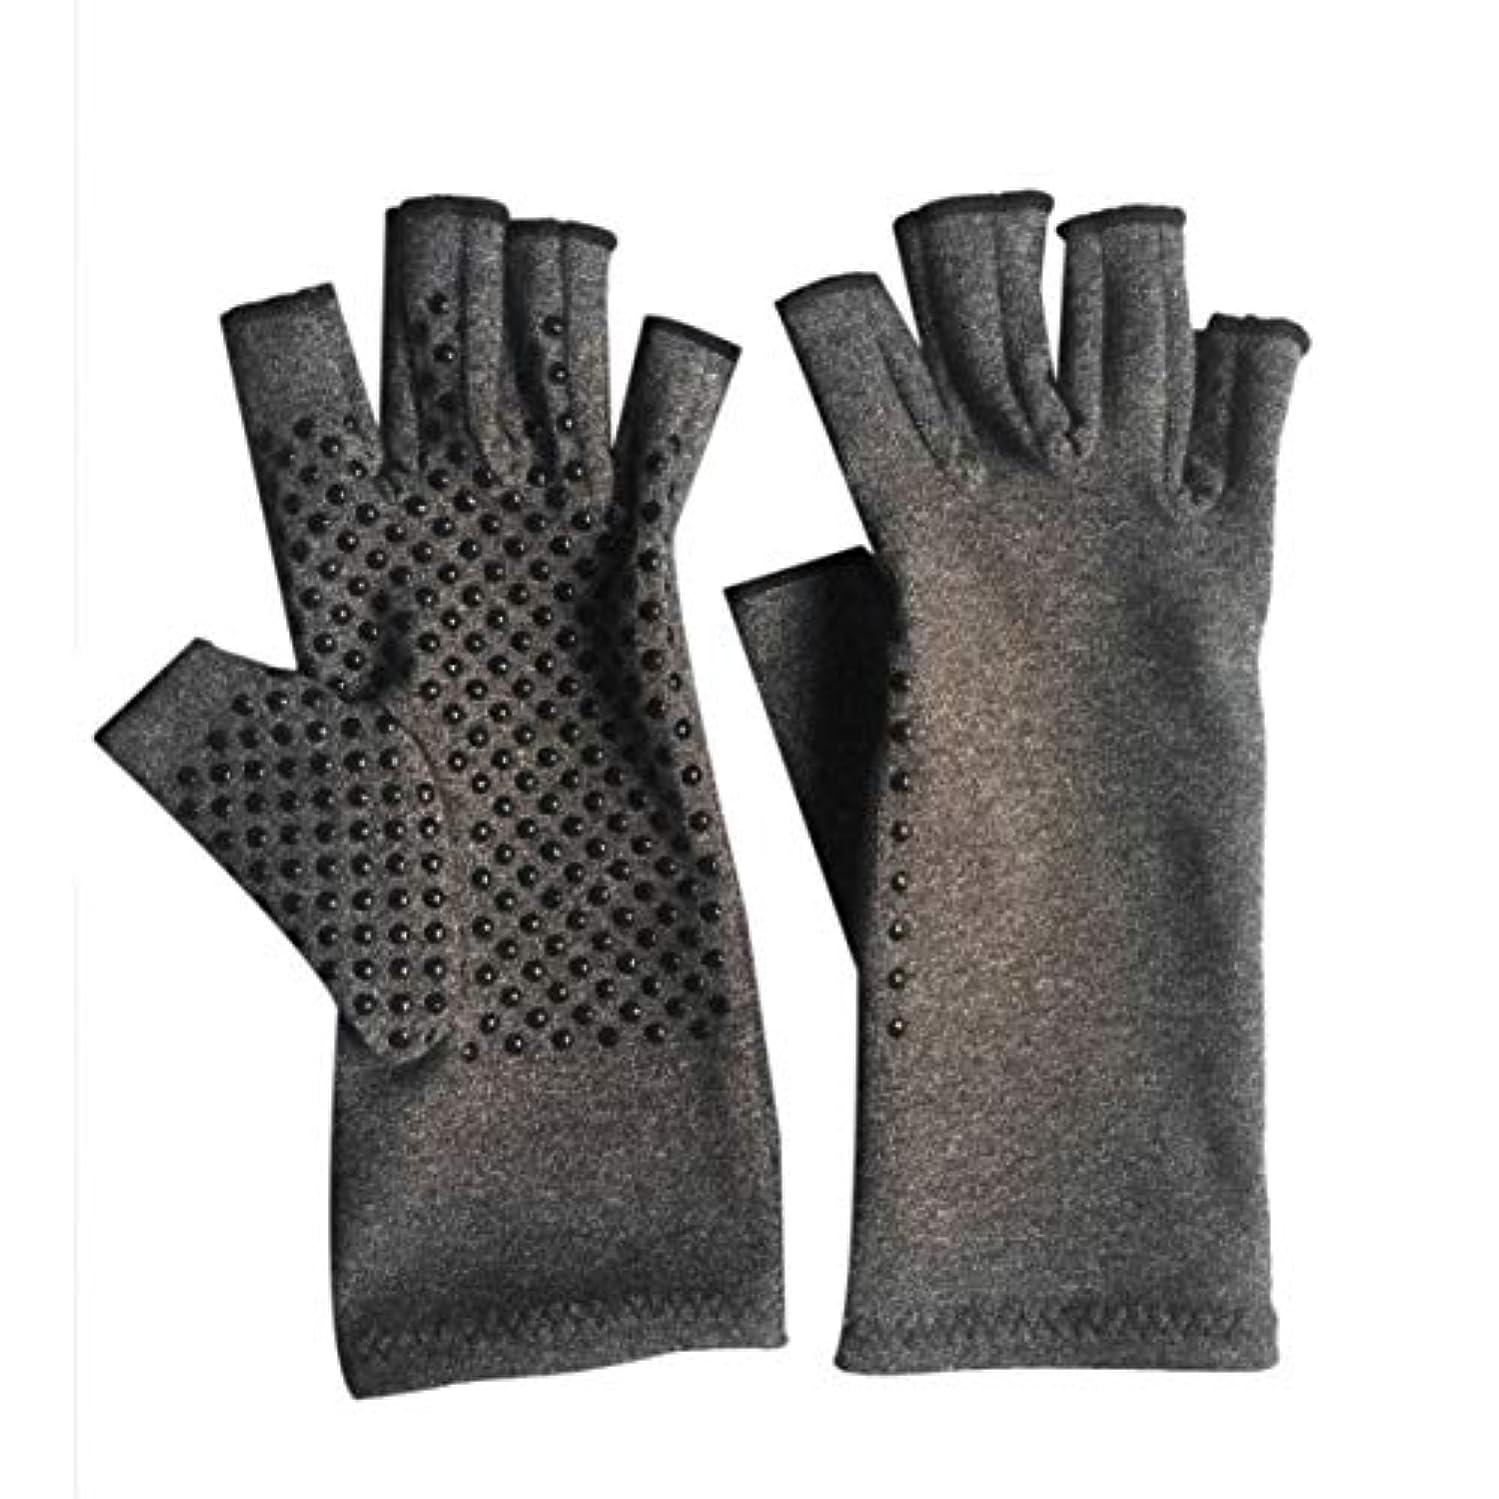 ボーカル弾丸予想する1ペアユニセックス男性女性療法圧縮手袋関節炎関節痛緩和ヘルスケア半指手袋トレーニング手袋 - グレーM